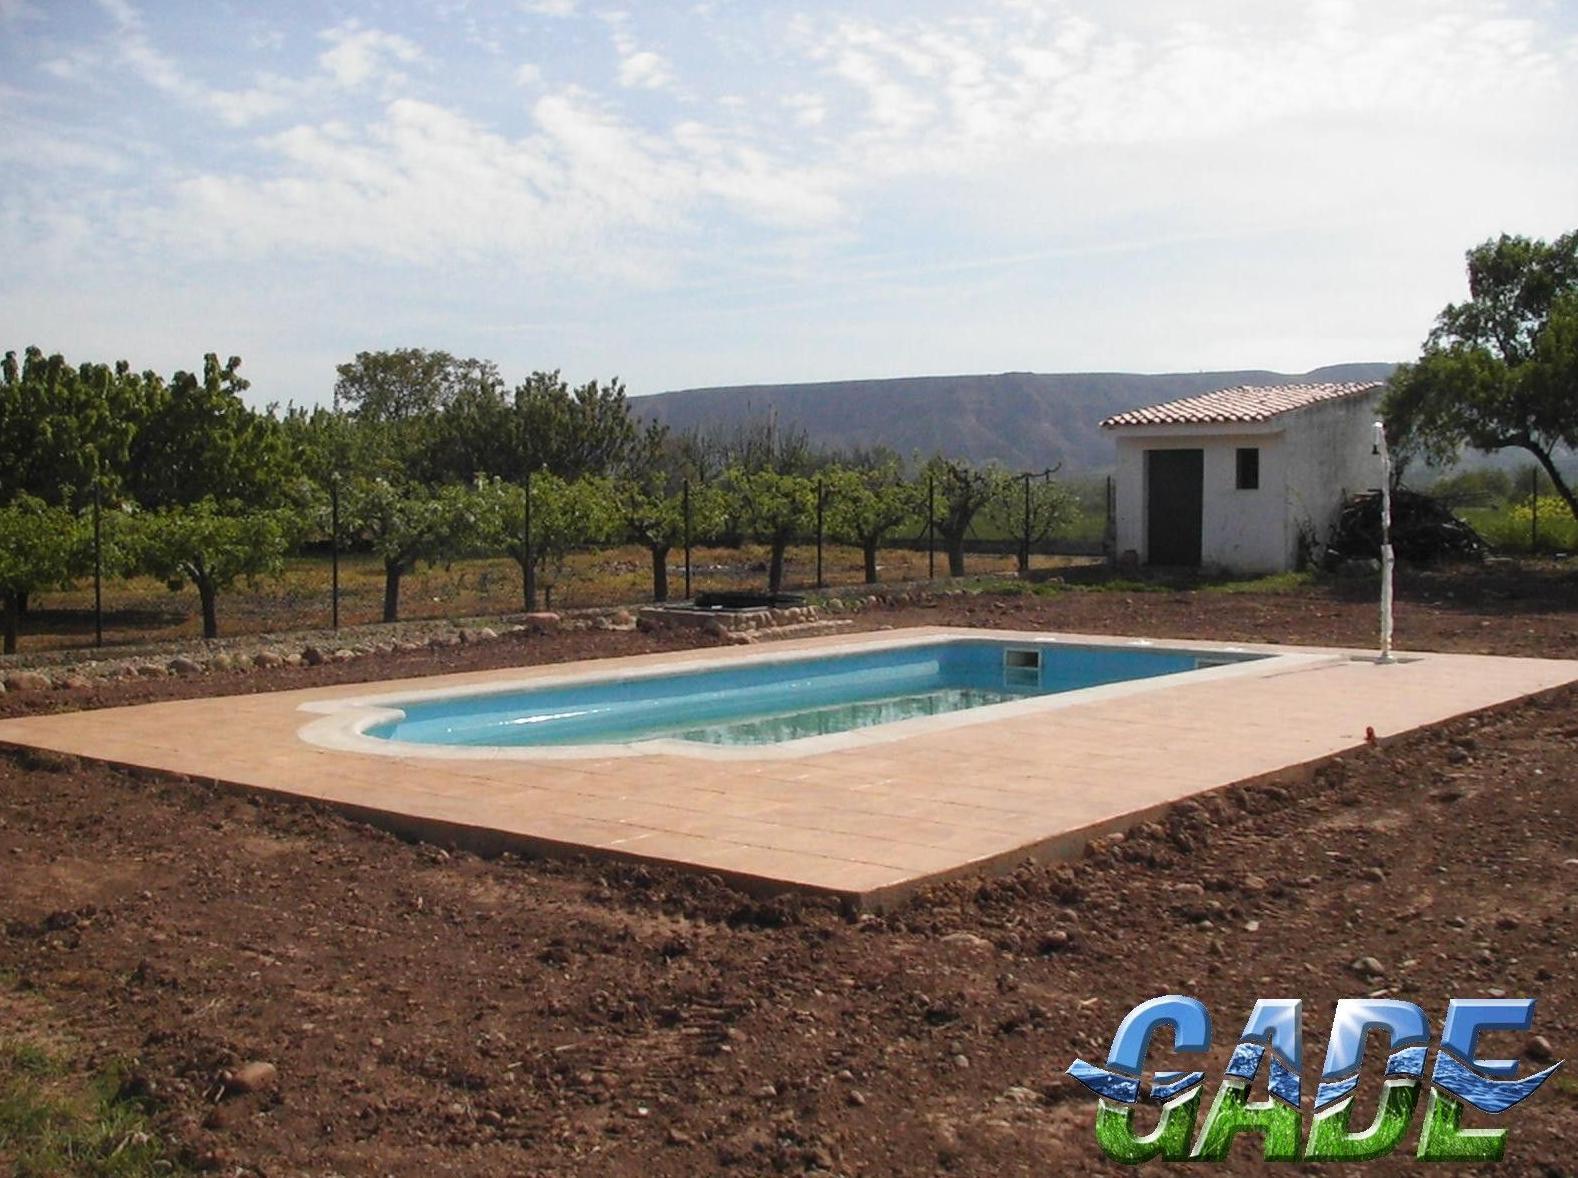 Fotos de piscinas y jardines best barbanfer with fotos de - Fotos de piscinas y jardines ...